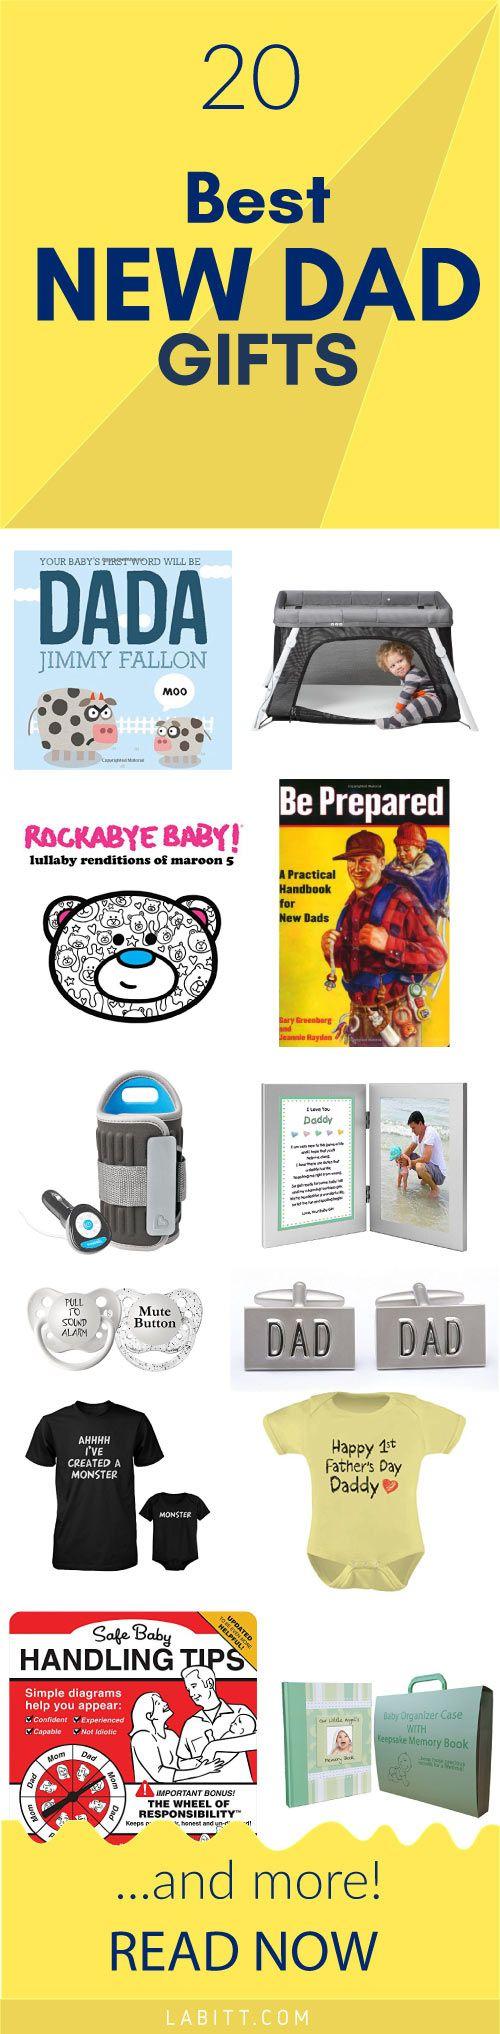 105 besten New Dad Bilder auf Pinterest | Schwangerschaft, Babyjunge ...